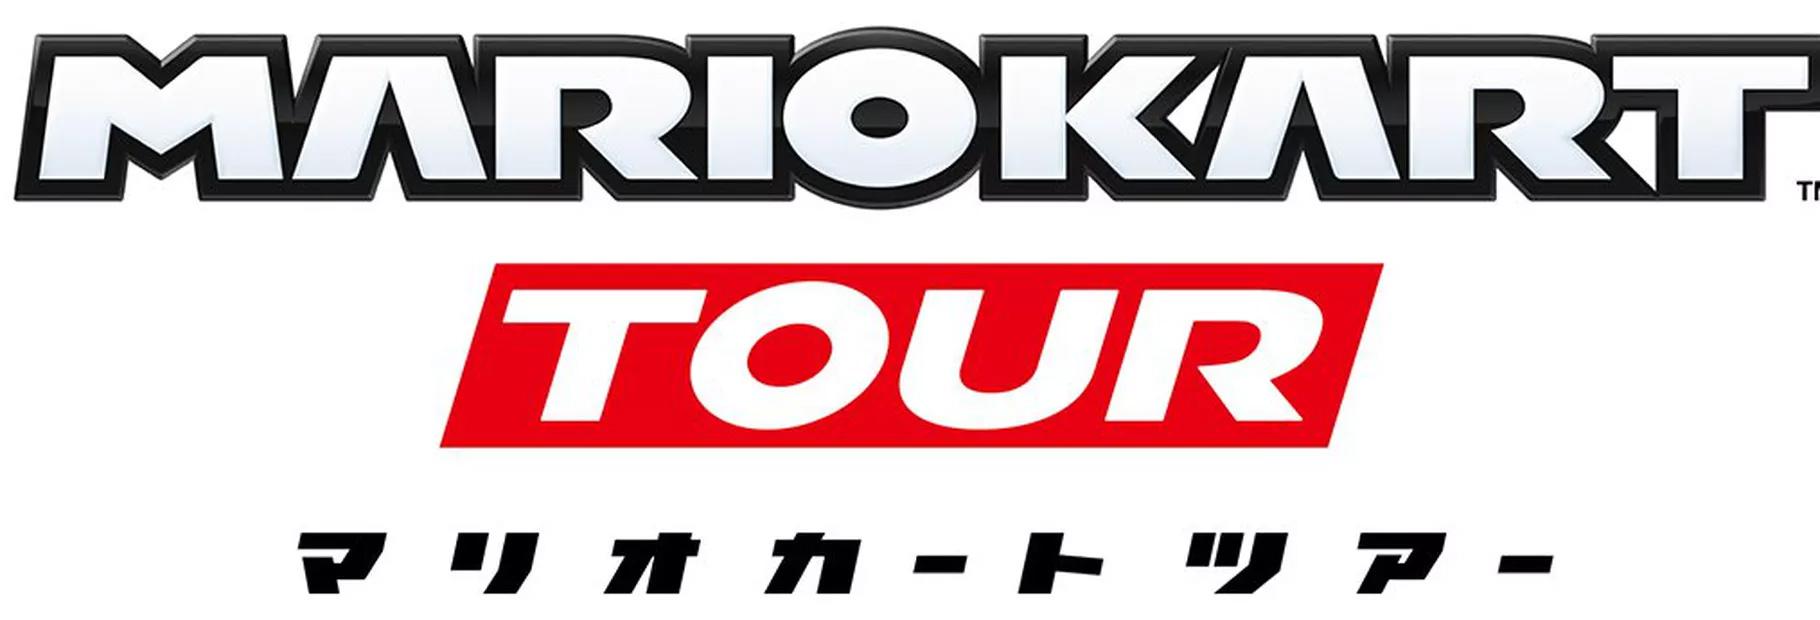 Logo de Mario Kart Tour en japonés